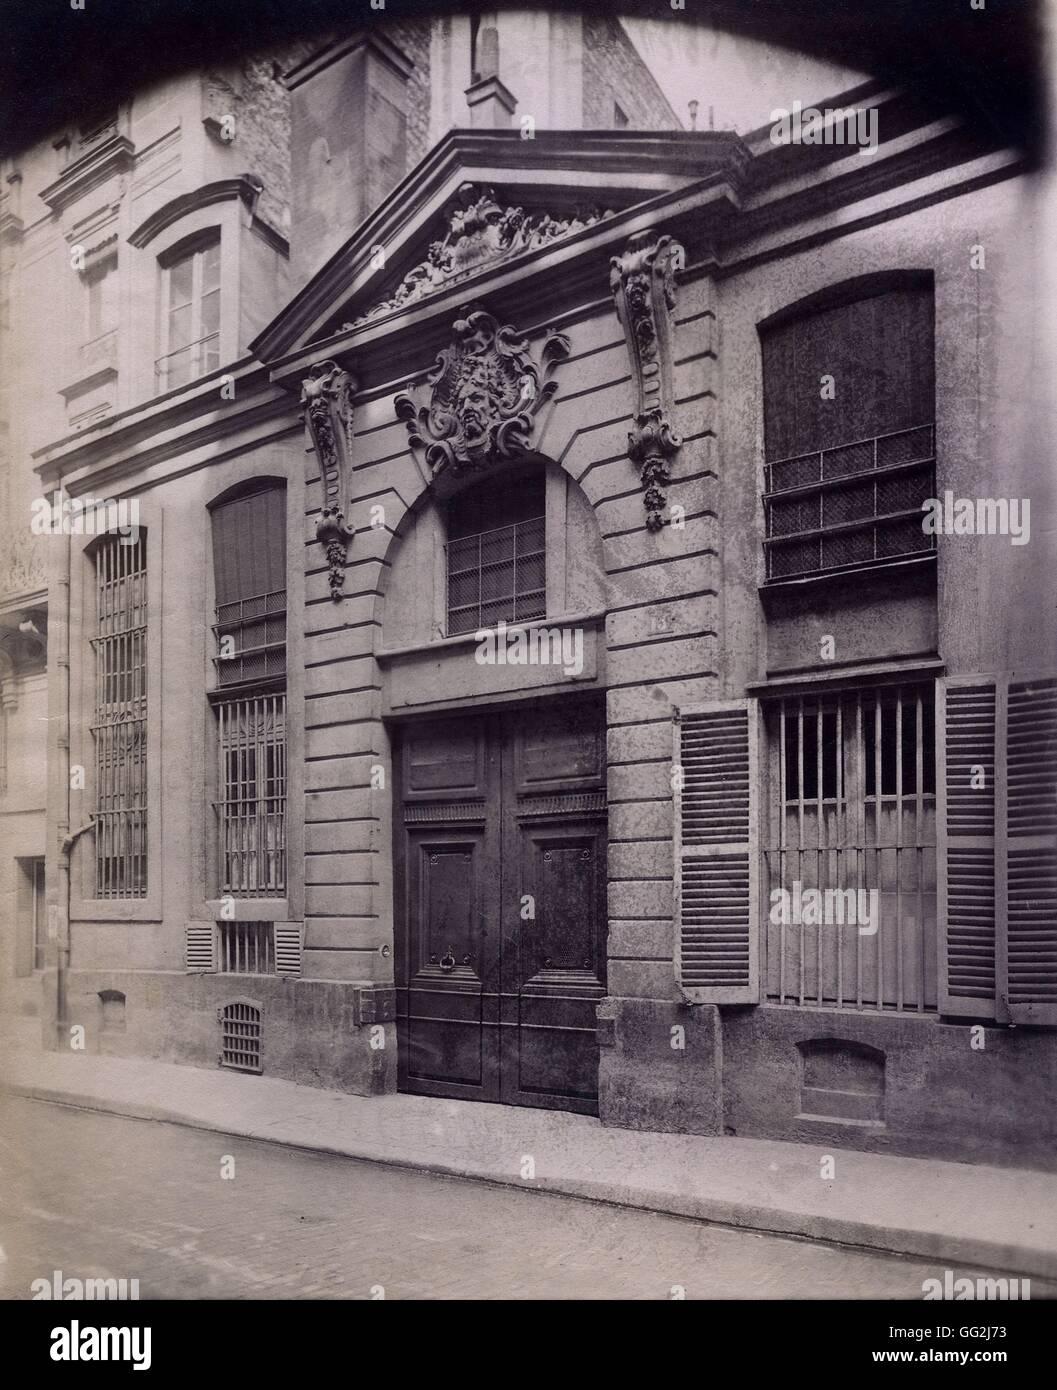 Eugène Atget porta, 13 rue du Regard nel 6 ° arrondissement di Parigi c.1900 albume stampa dopo il piano Immagini Stock